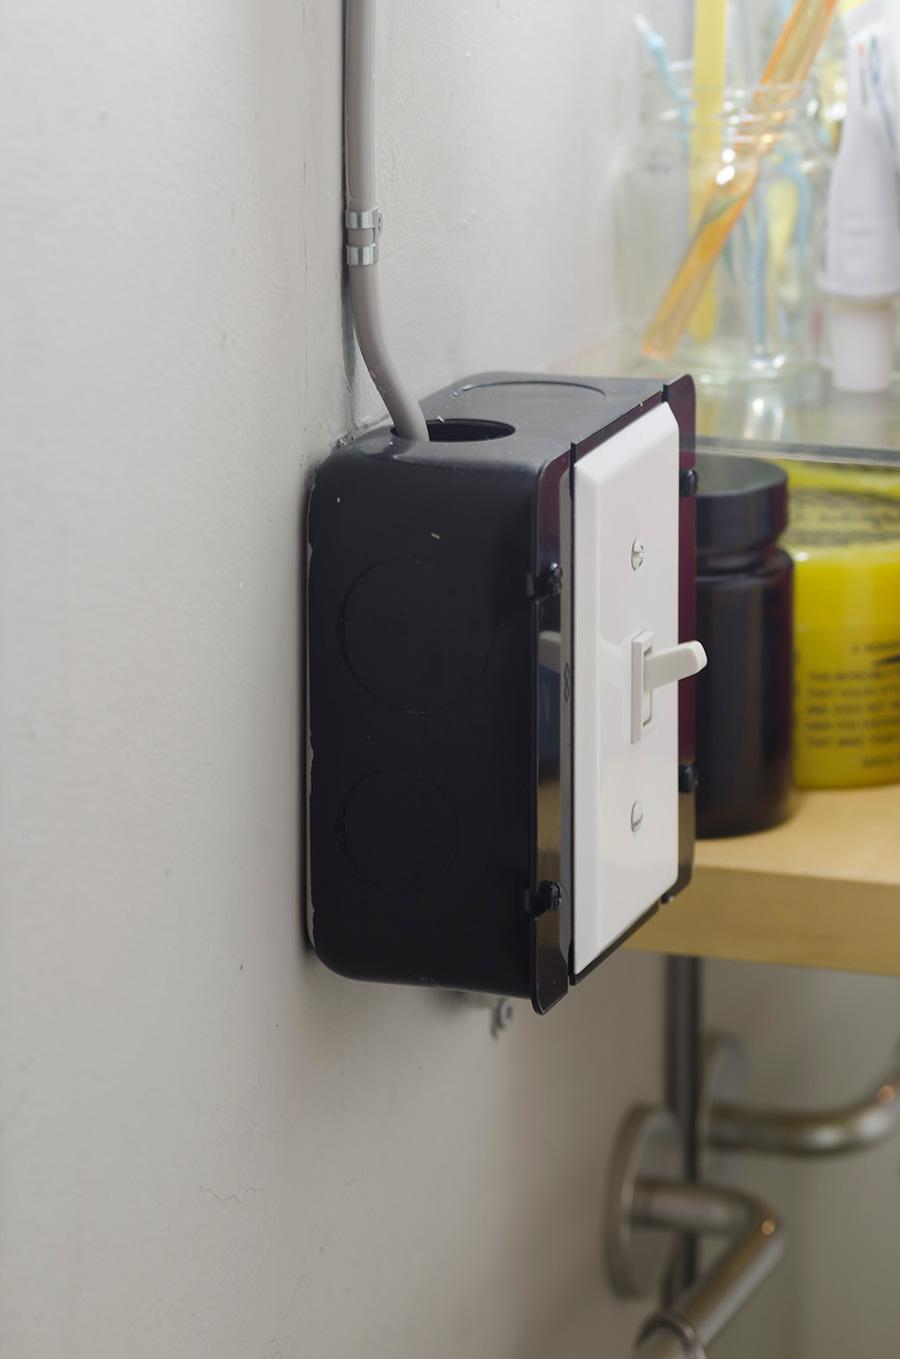 部屋のスイッチはレゴのような箱型でユニークに。